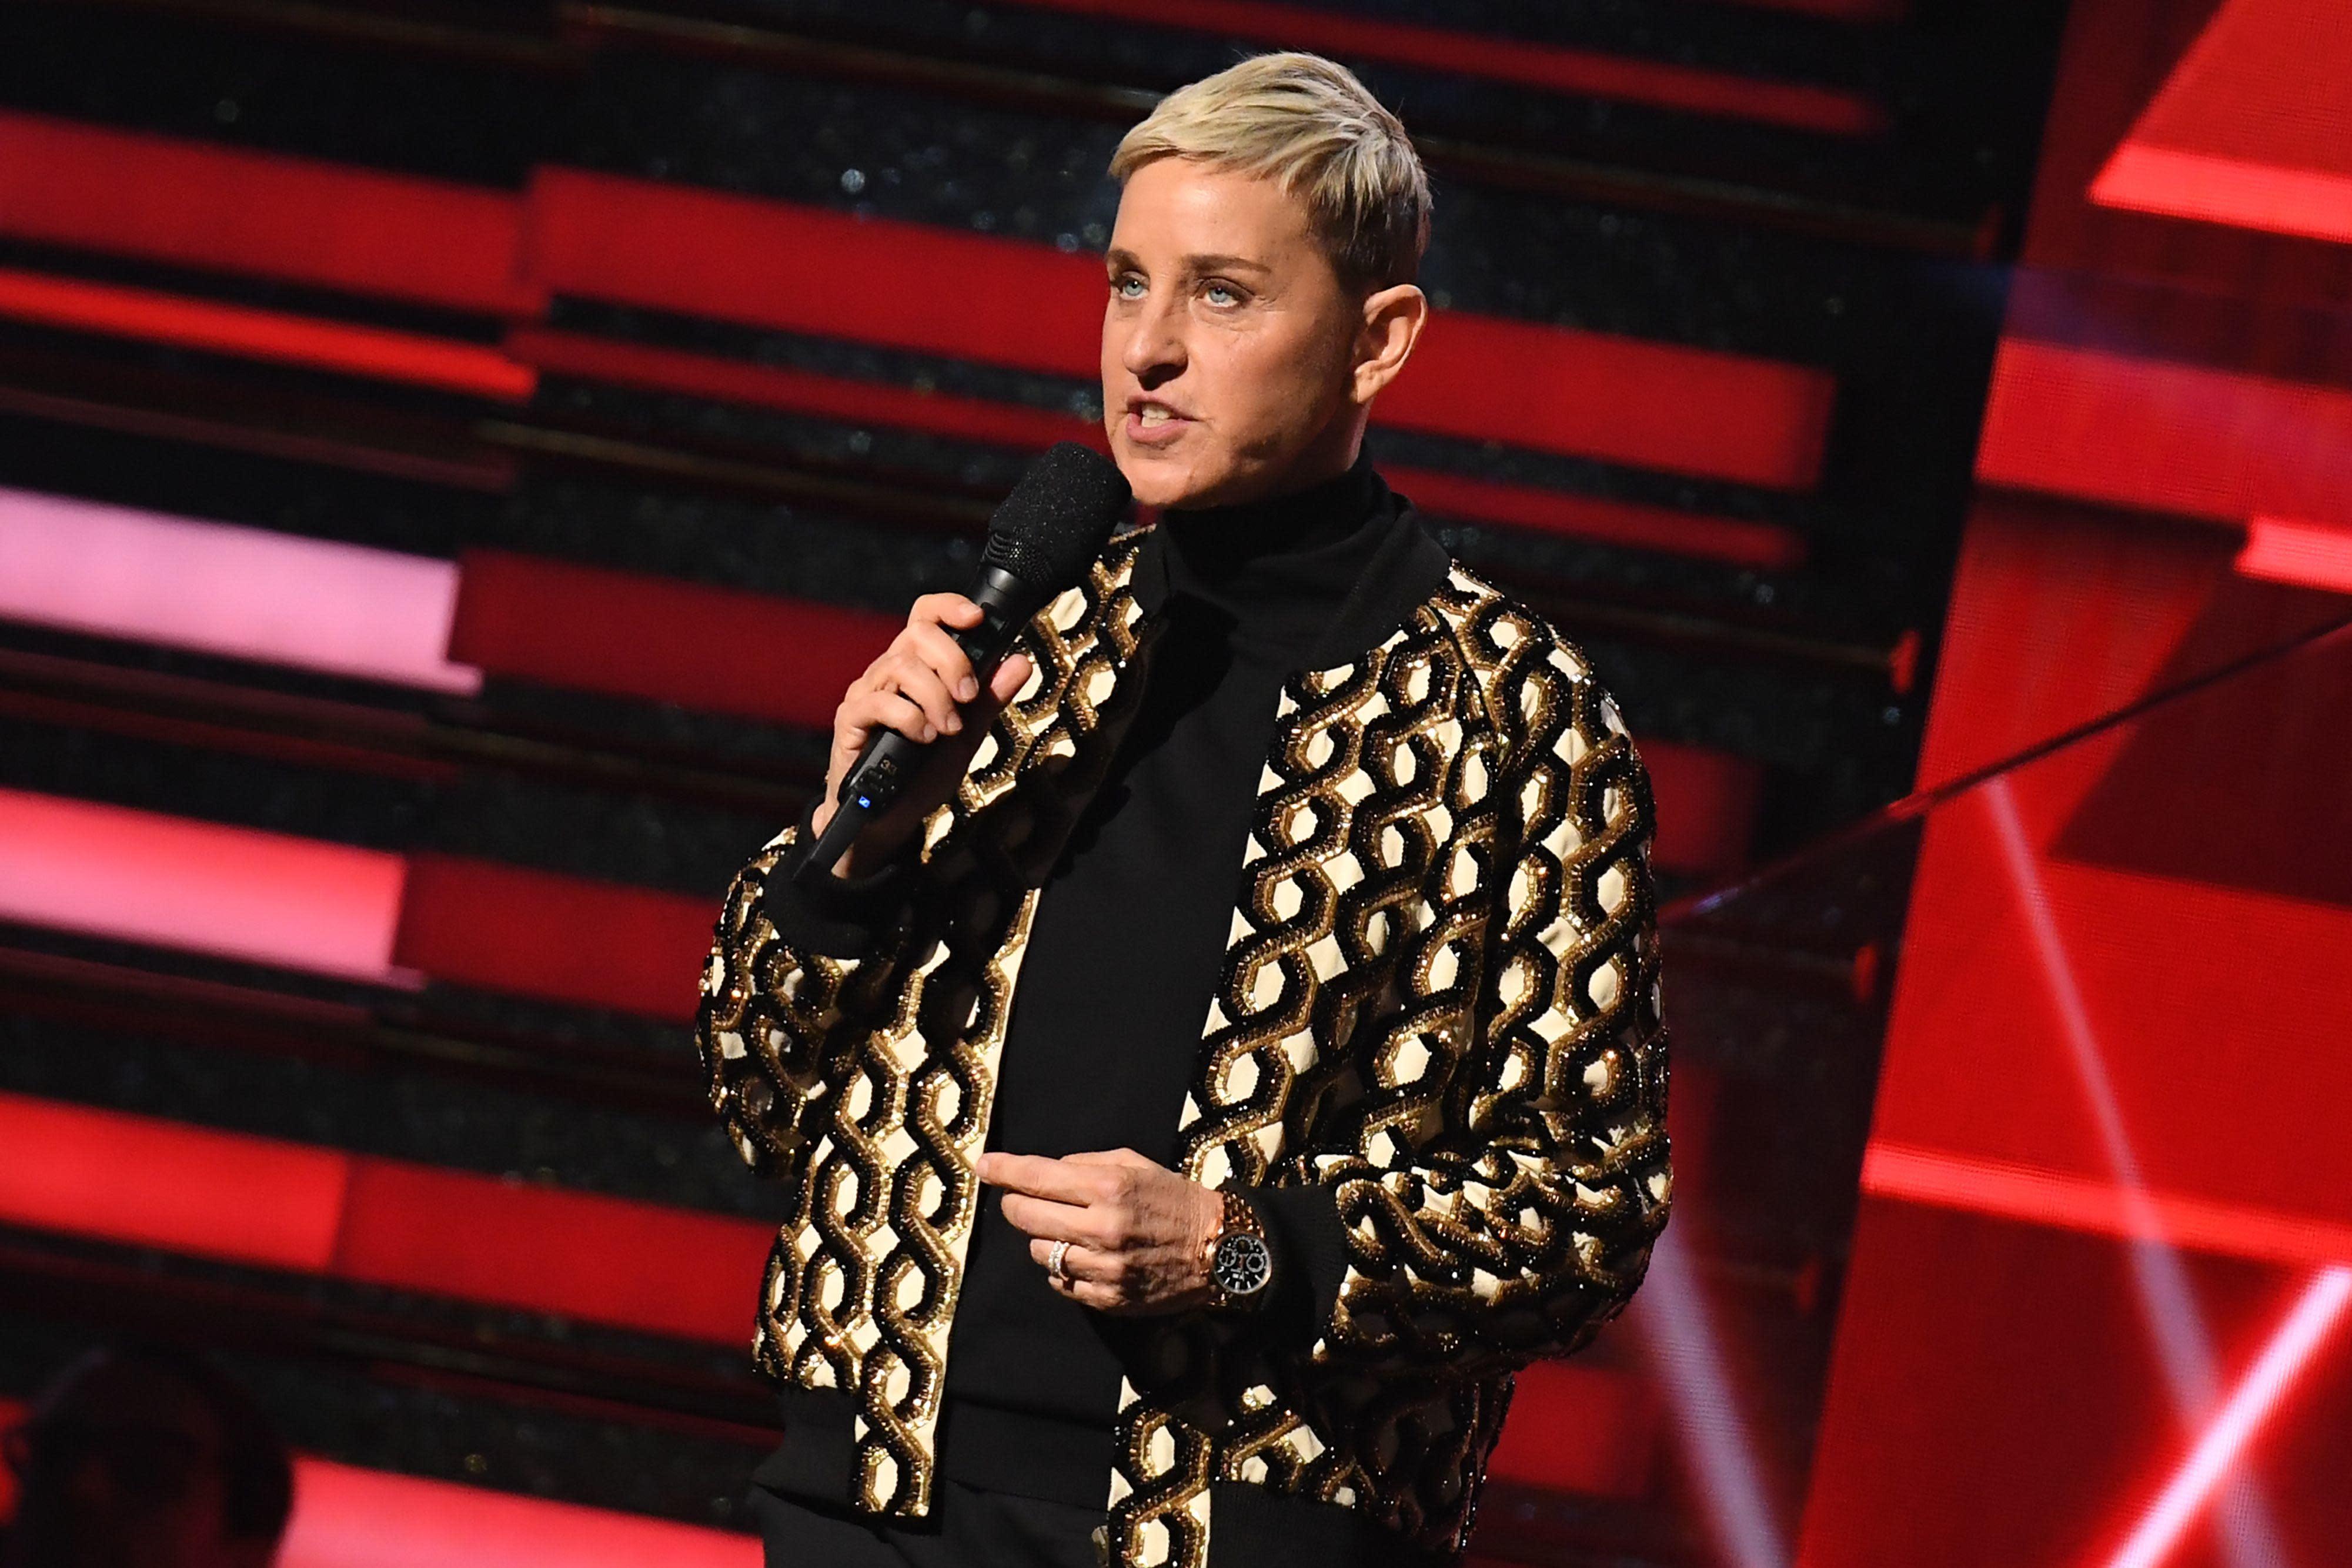 Ellen DeGeneres addresses controversy in show's return